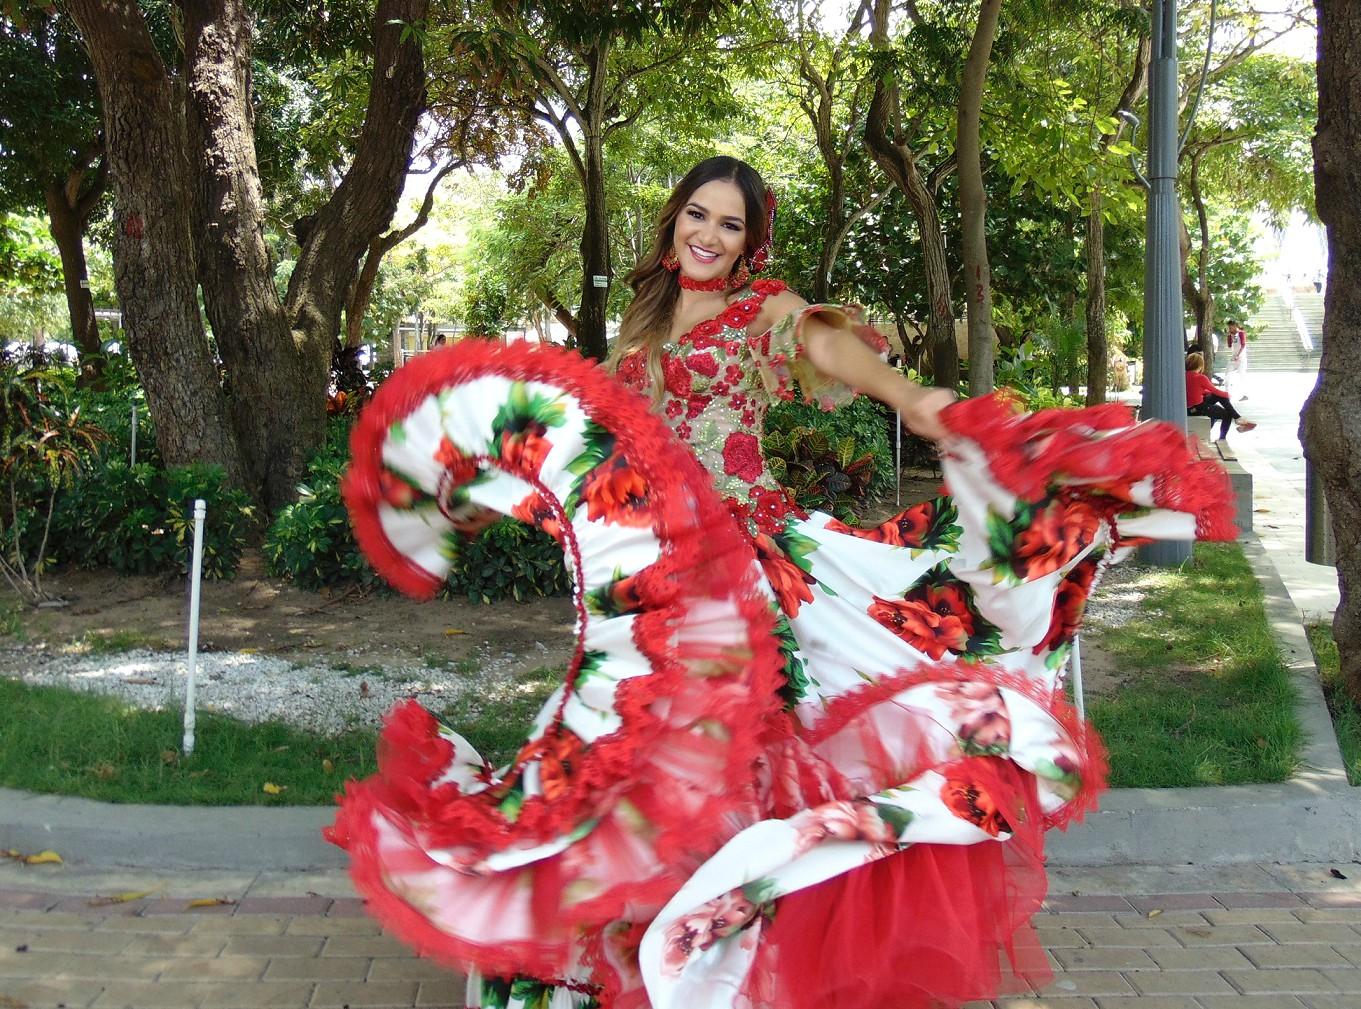 La Reina del Carnaval Valeria Abuchaibe celebra su cumpleaños con un recorrido salsero